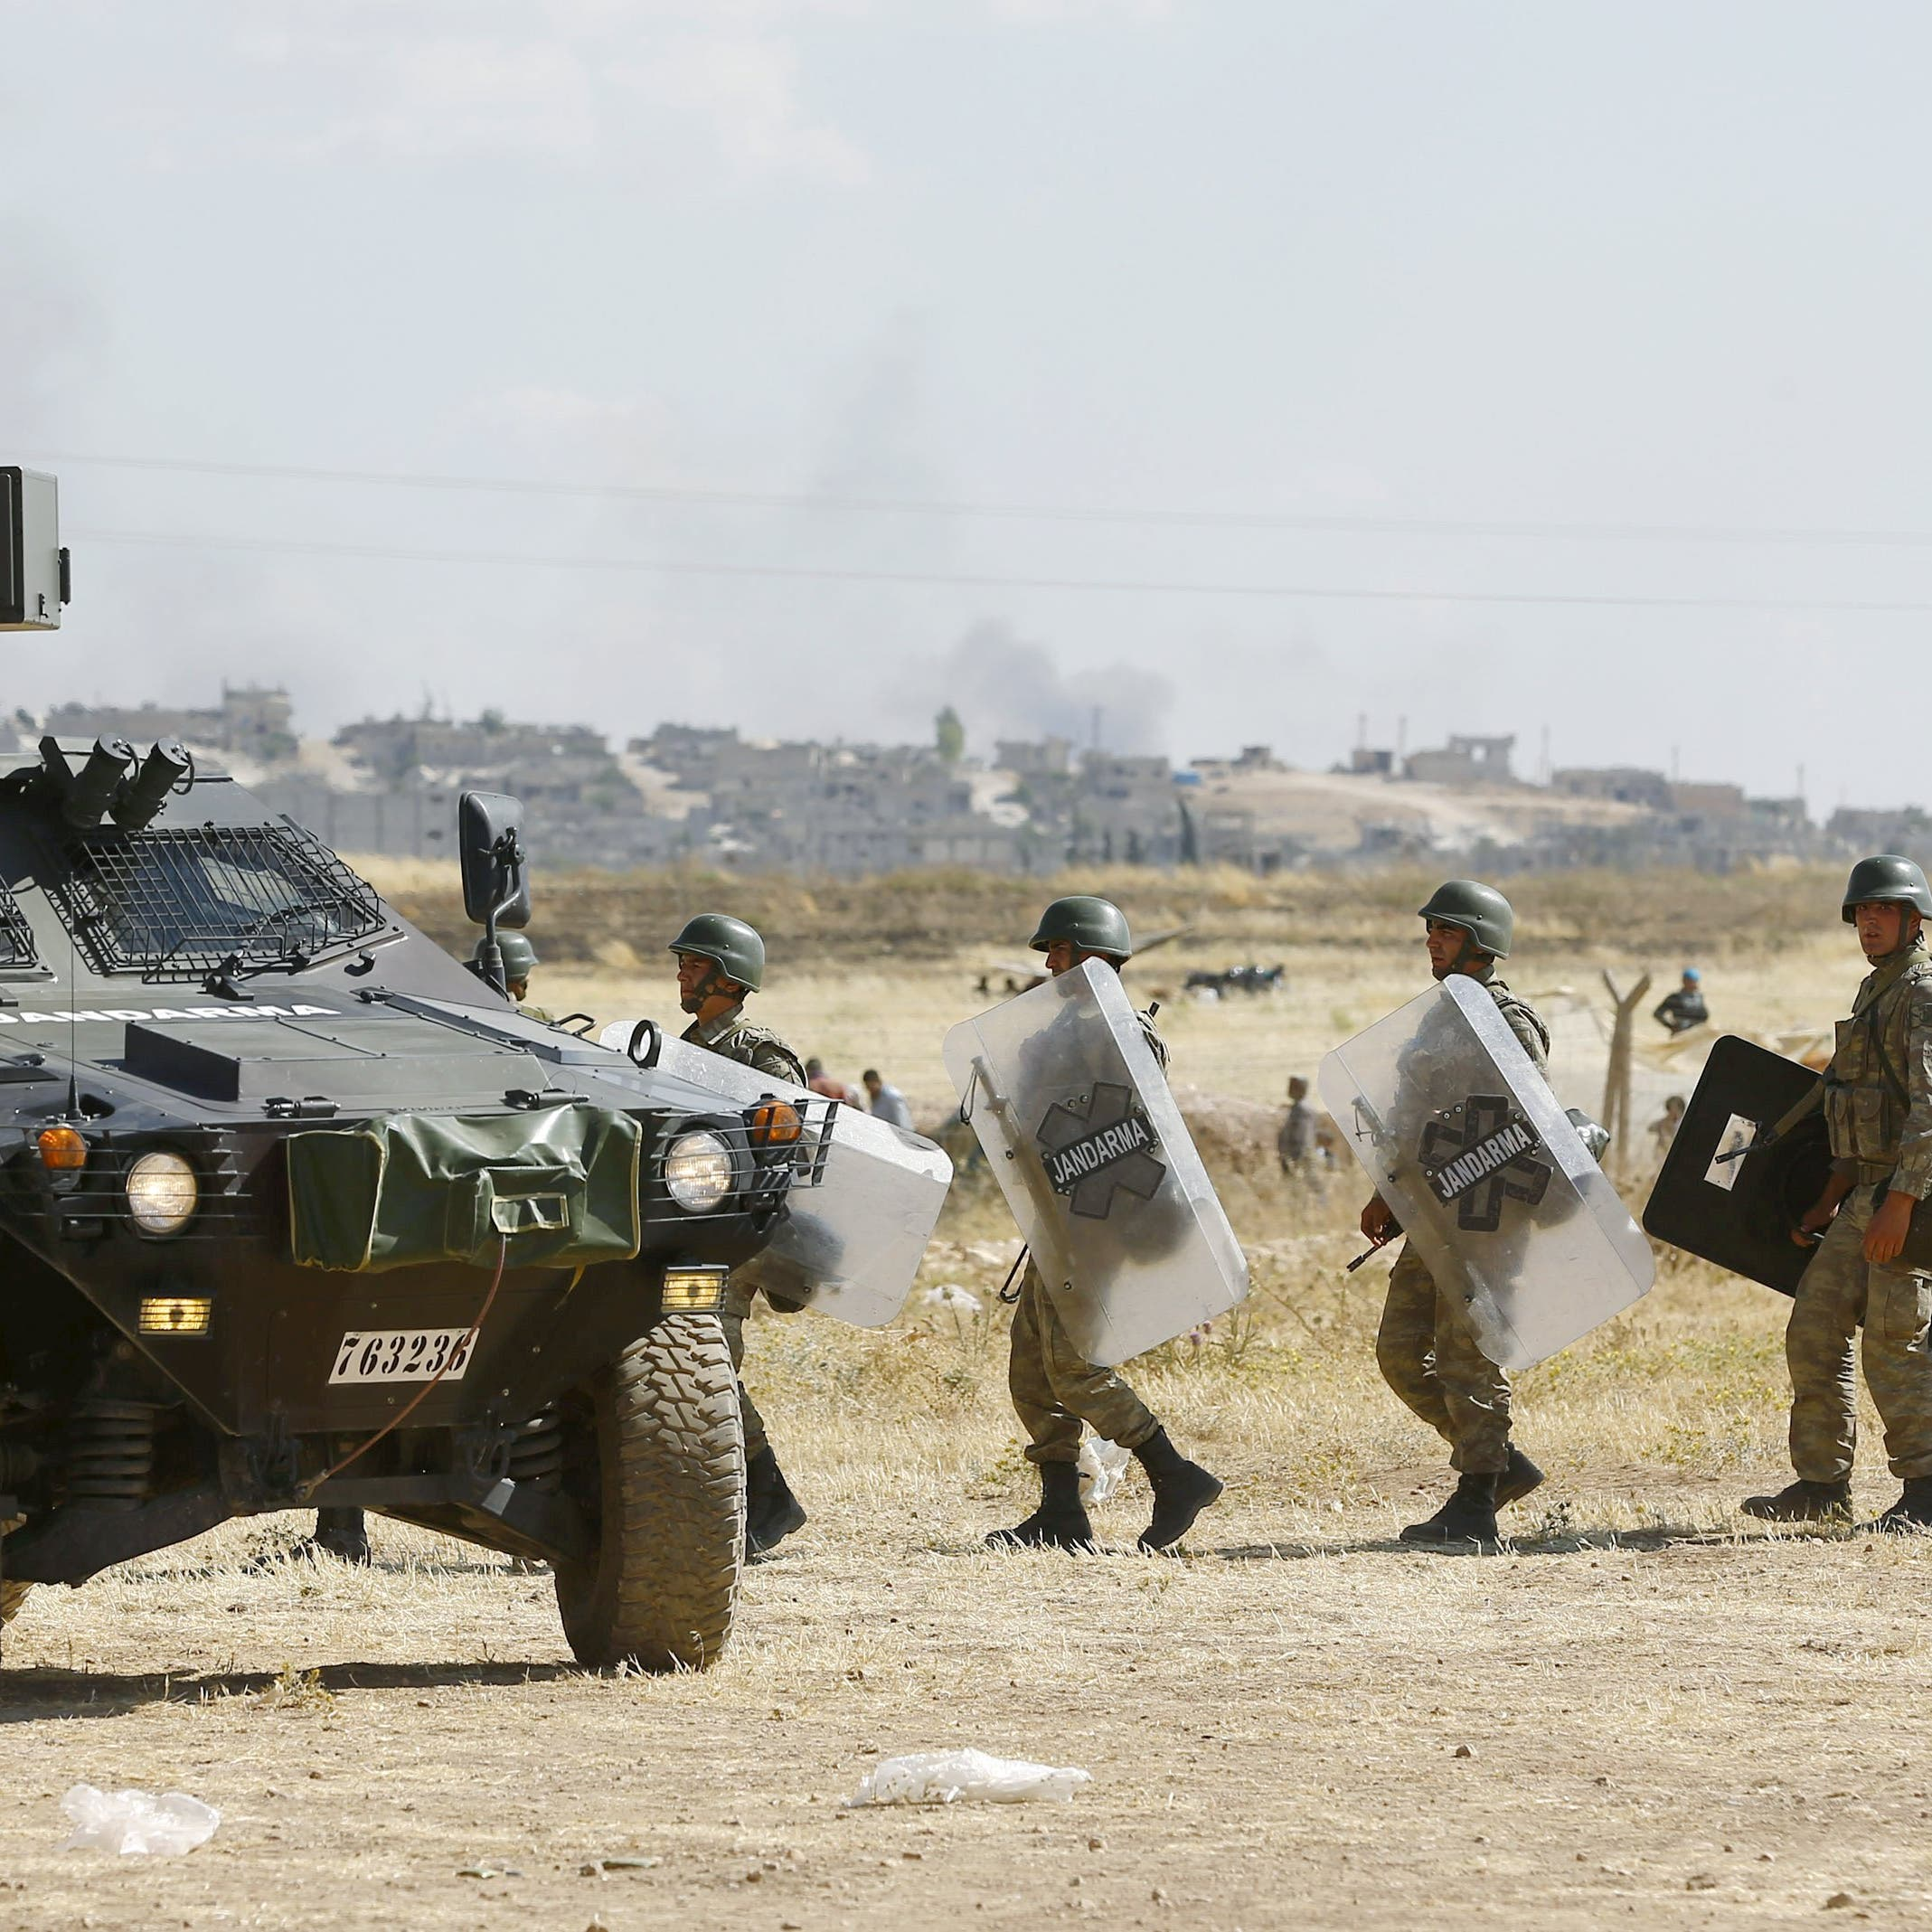 مقتل 16 شخصاً بينهم 3 جنود أتراك بتفجير شمال سوريا